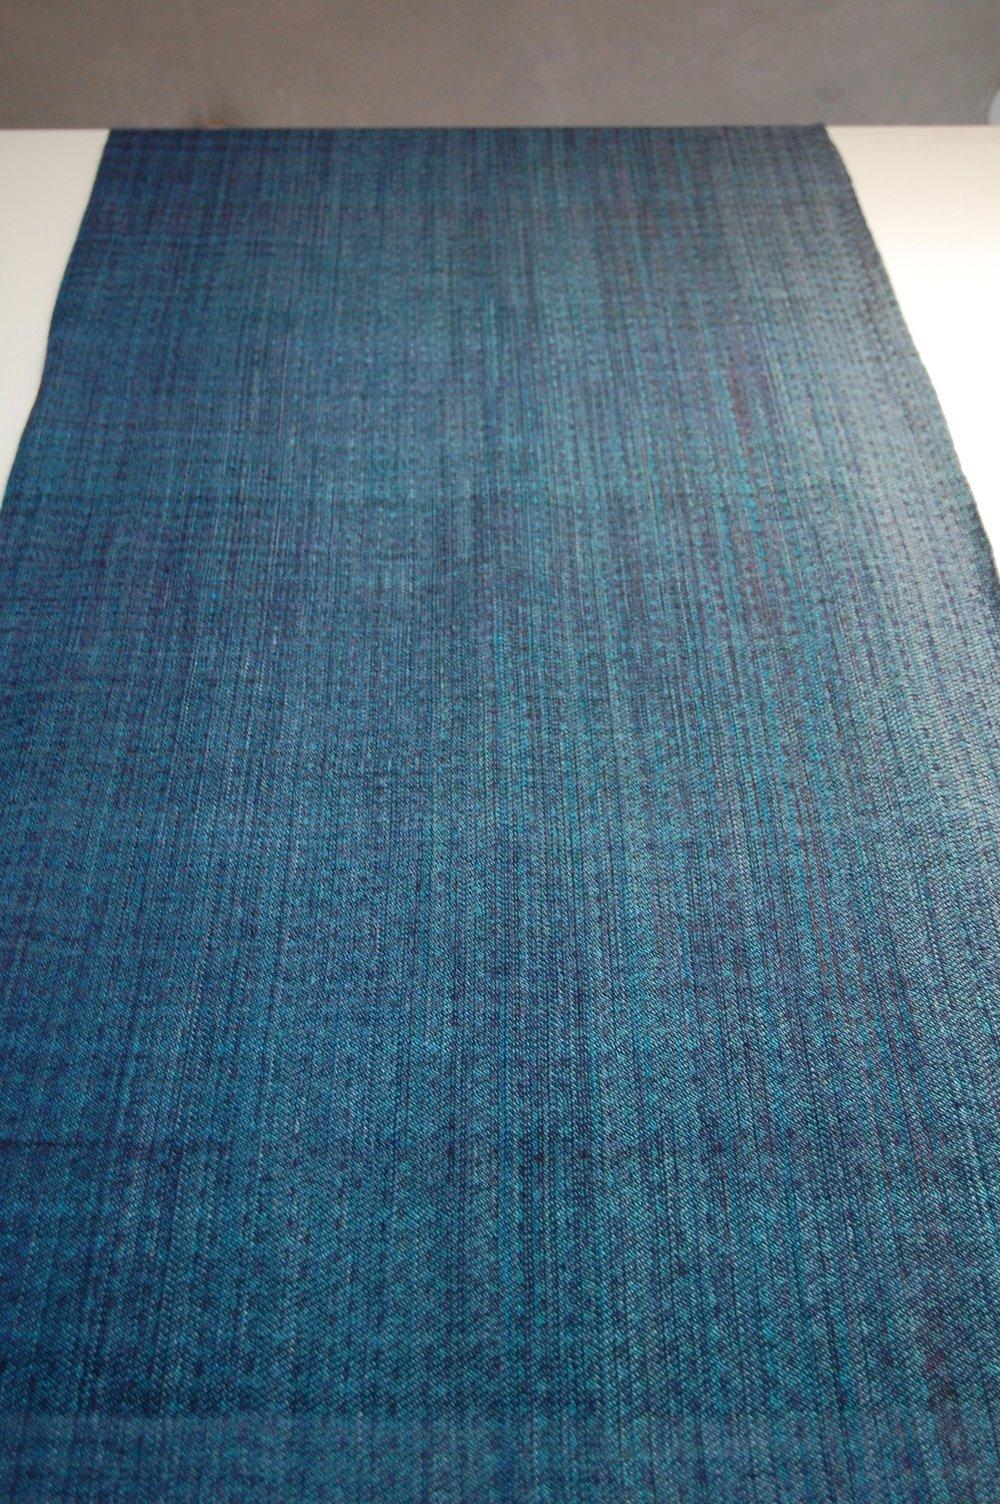 ione superwash merino wool weft 3.3 meters